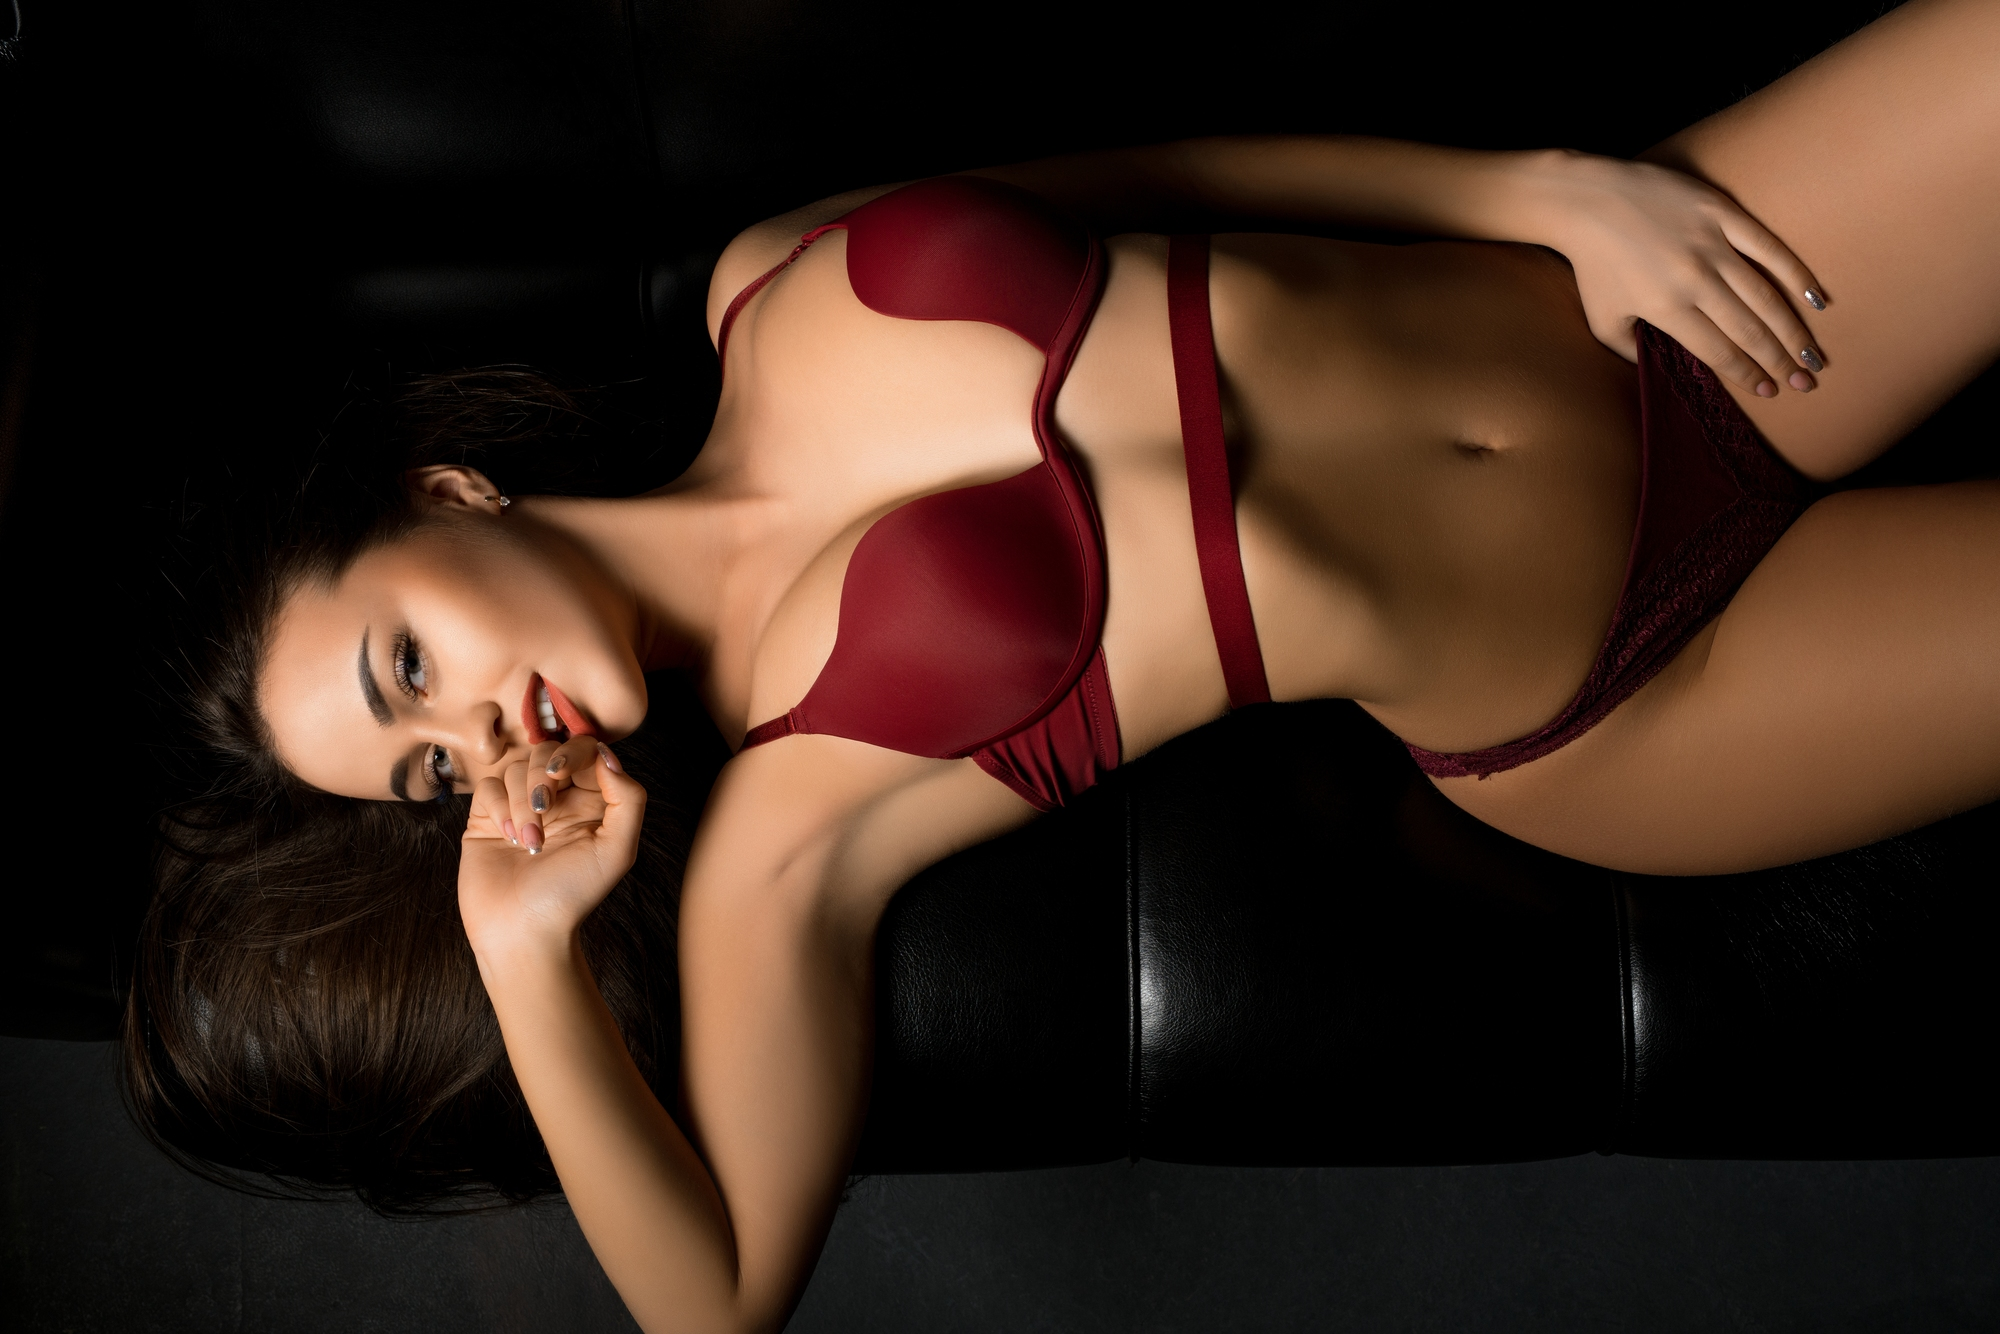 肌さわりの良い下着をつけている女性